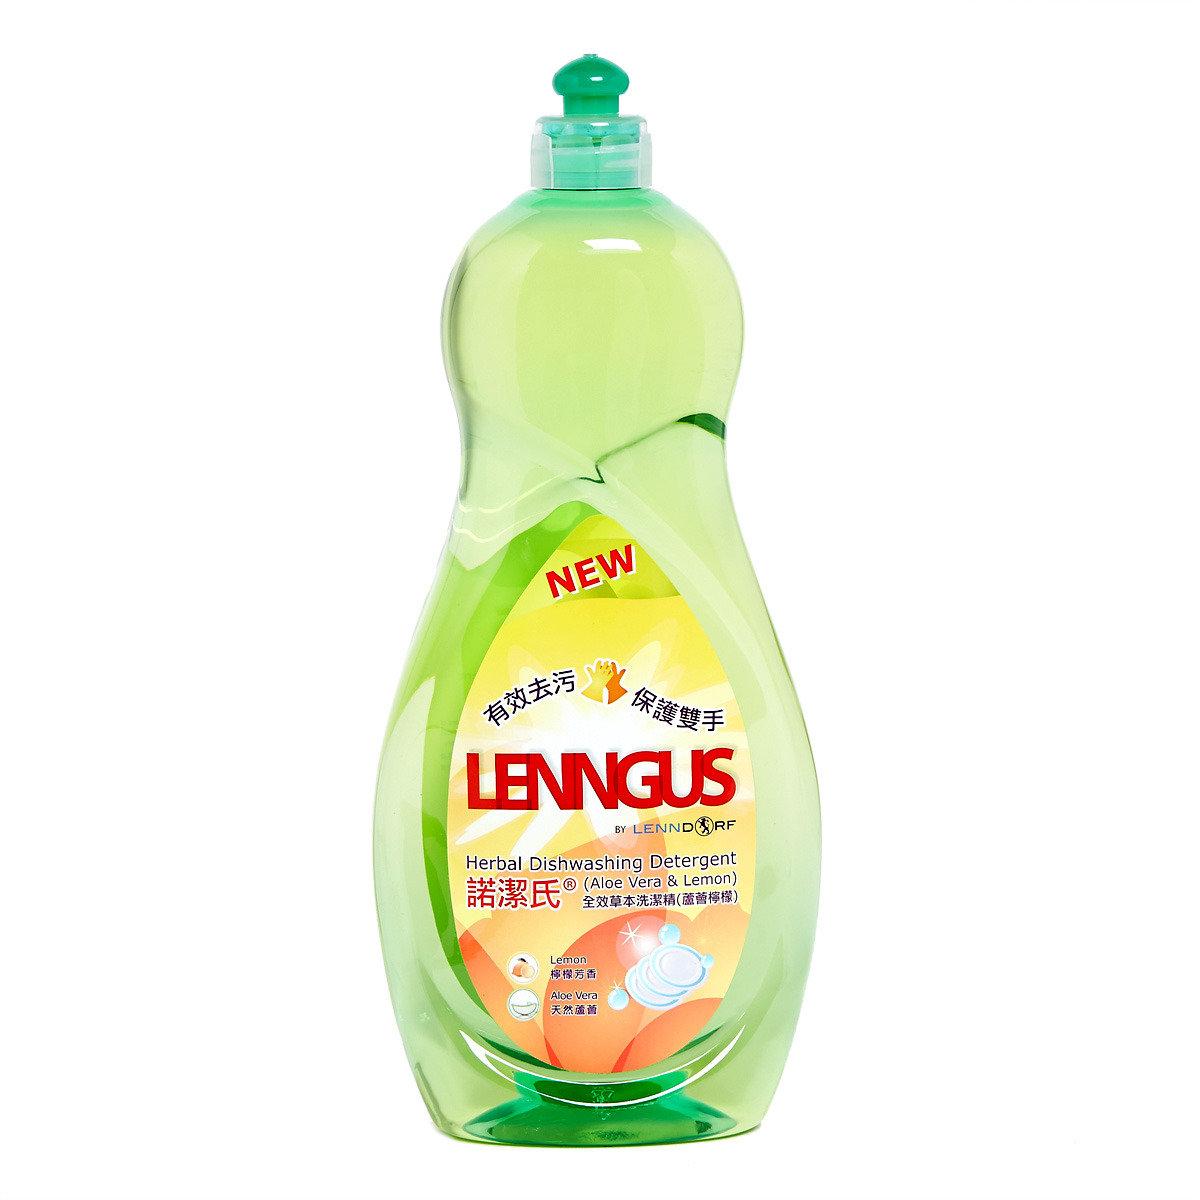 諾潔氏全效草本洗潔精- 蘆薈檸檬